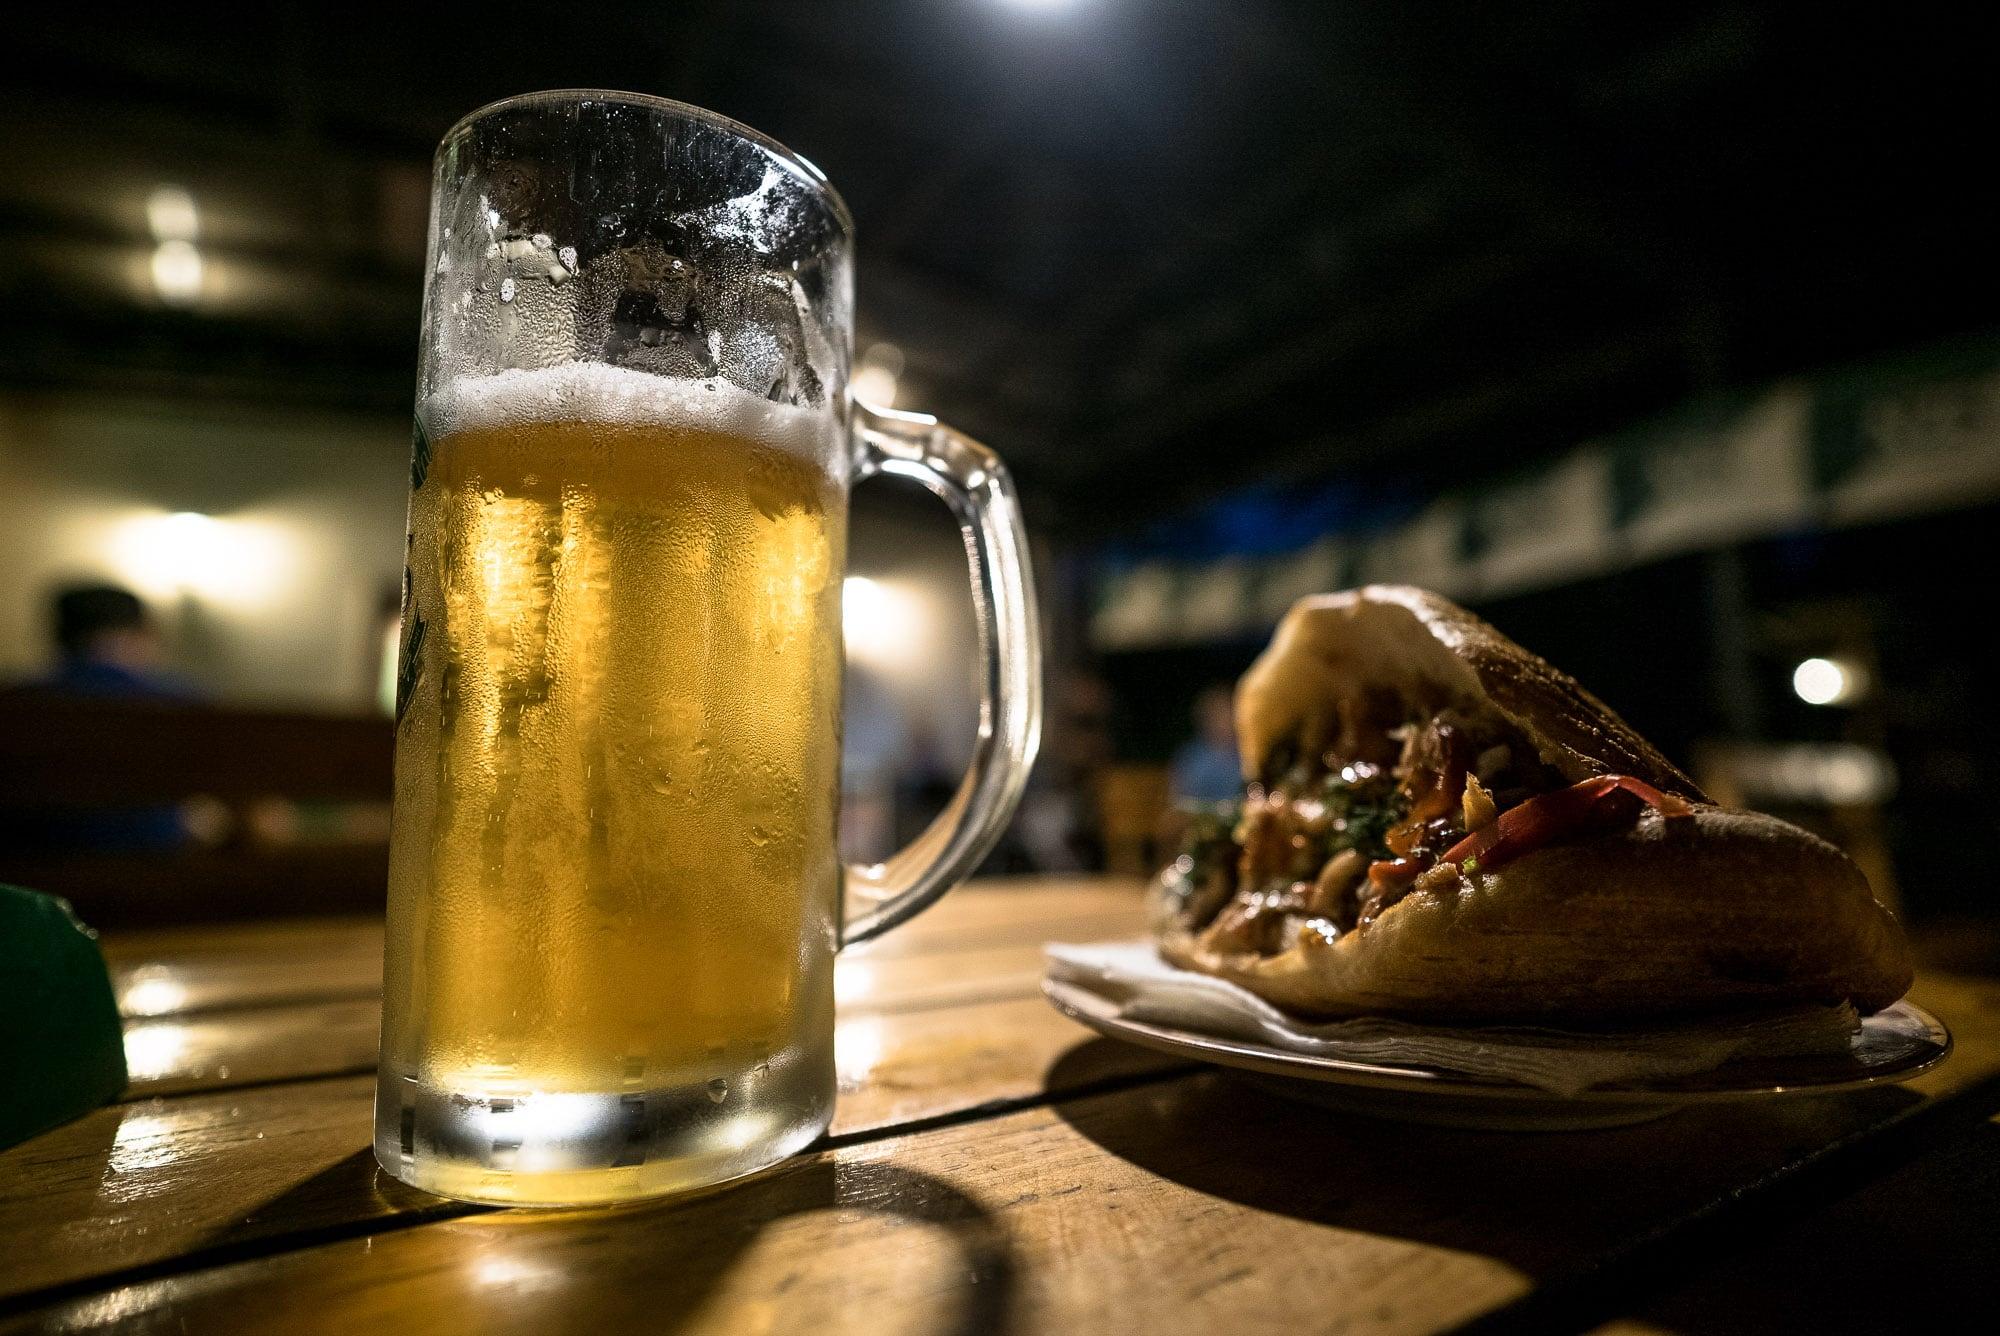 beer and döner